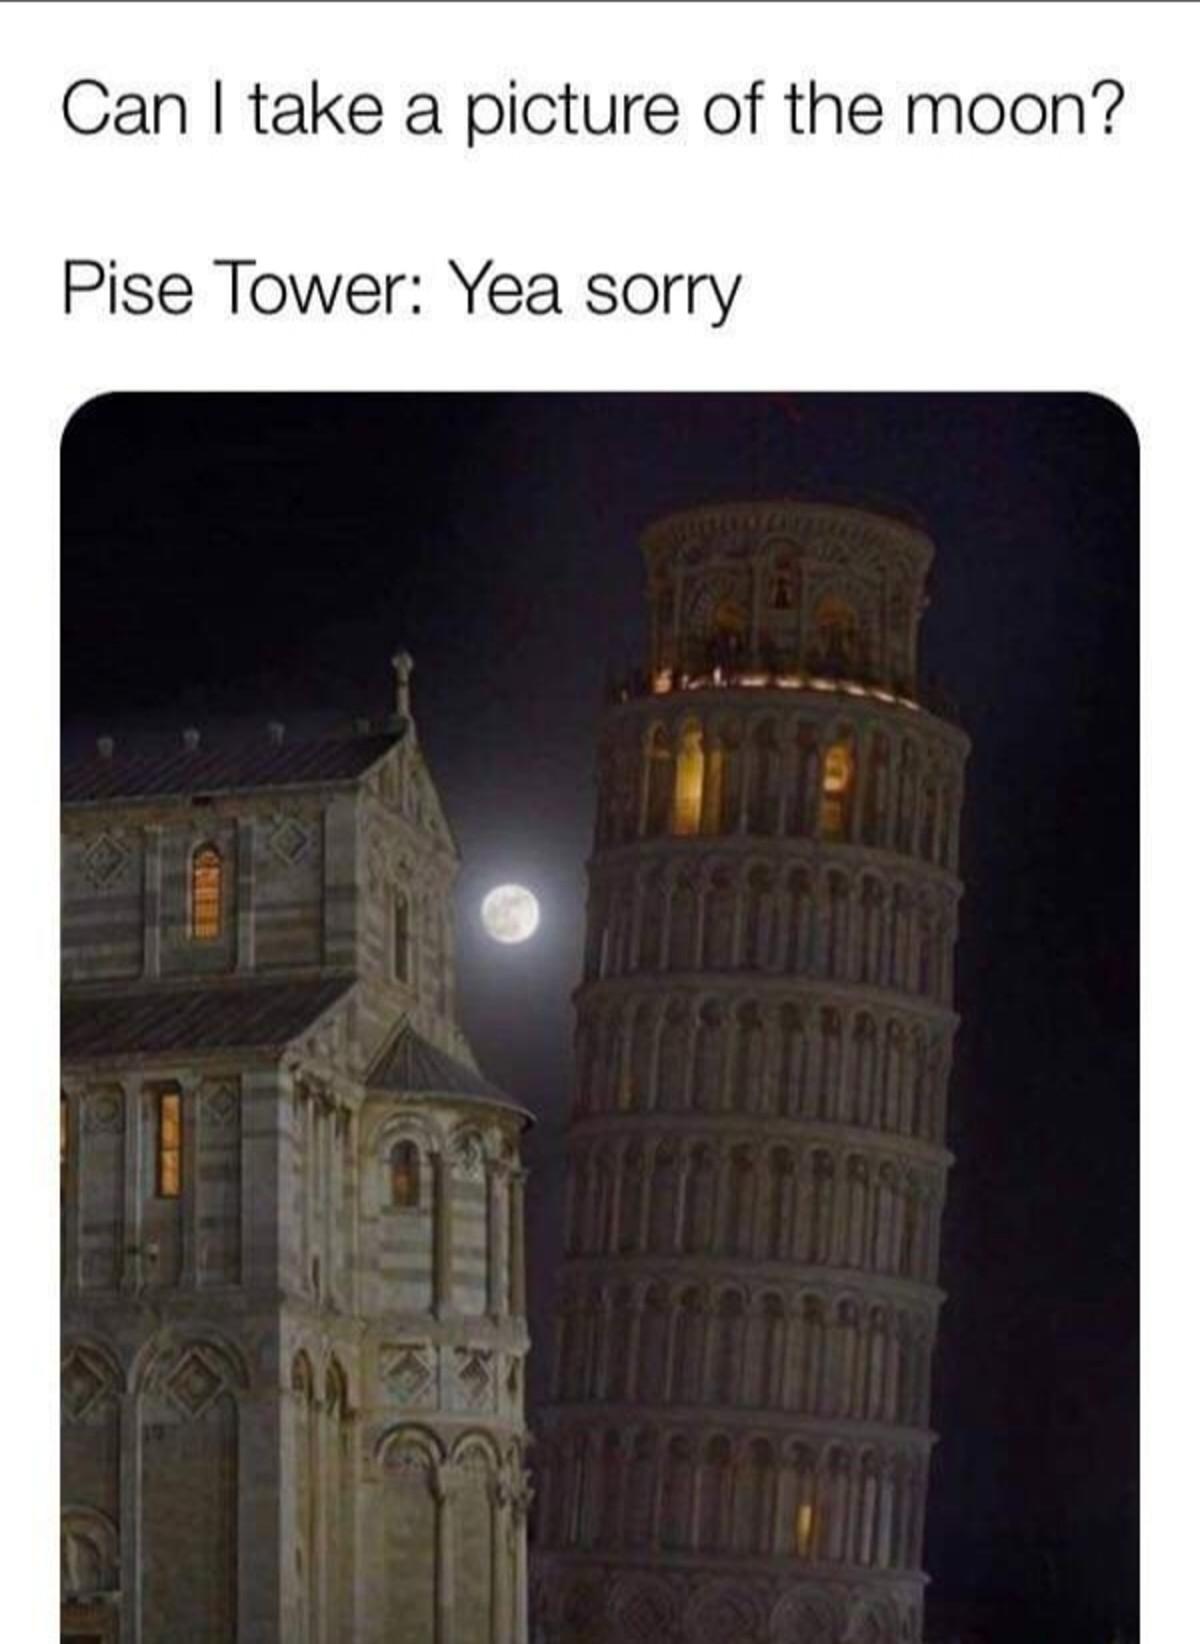 truuu 😂😂😂. .. suck my tower you kraut